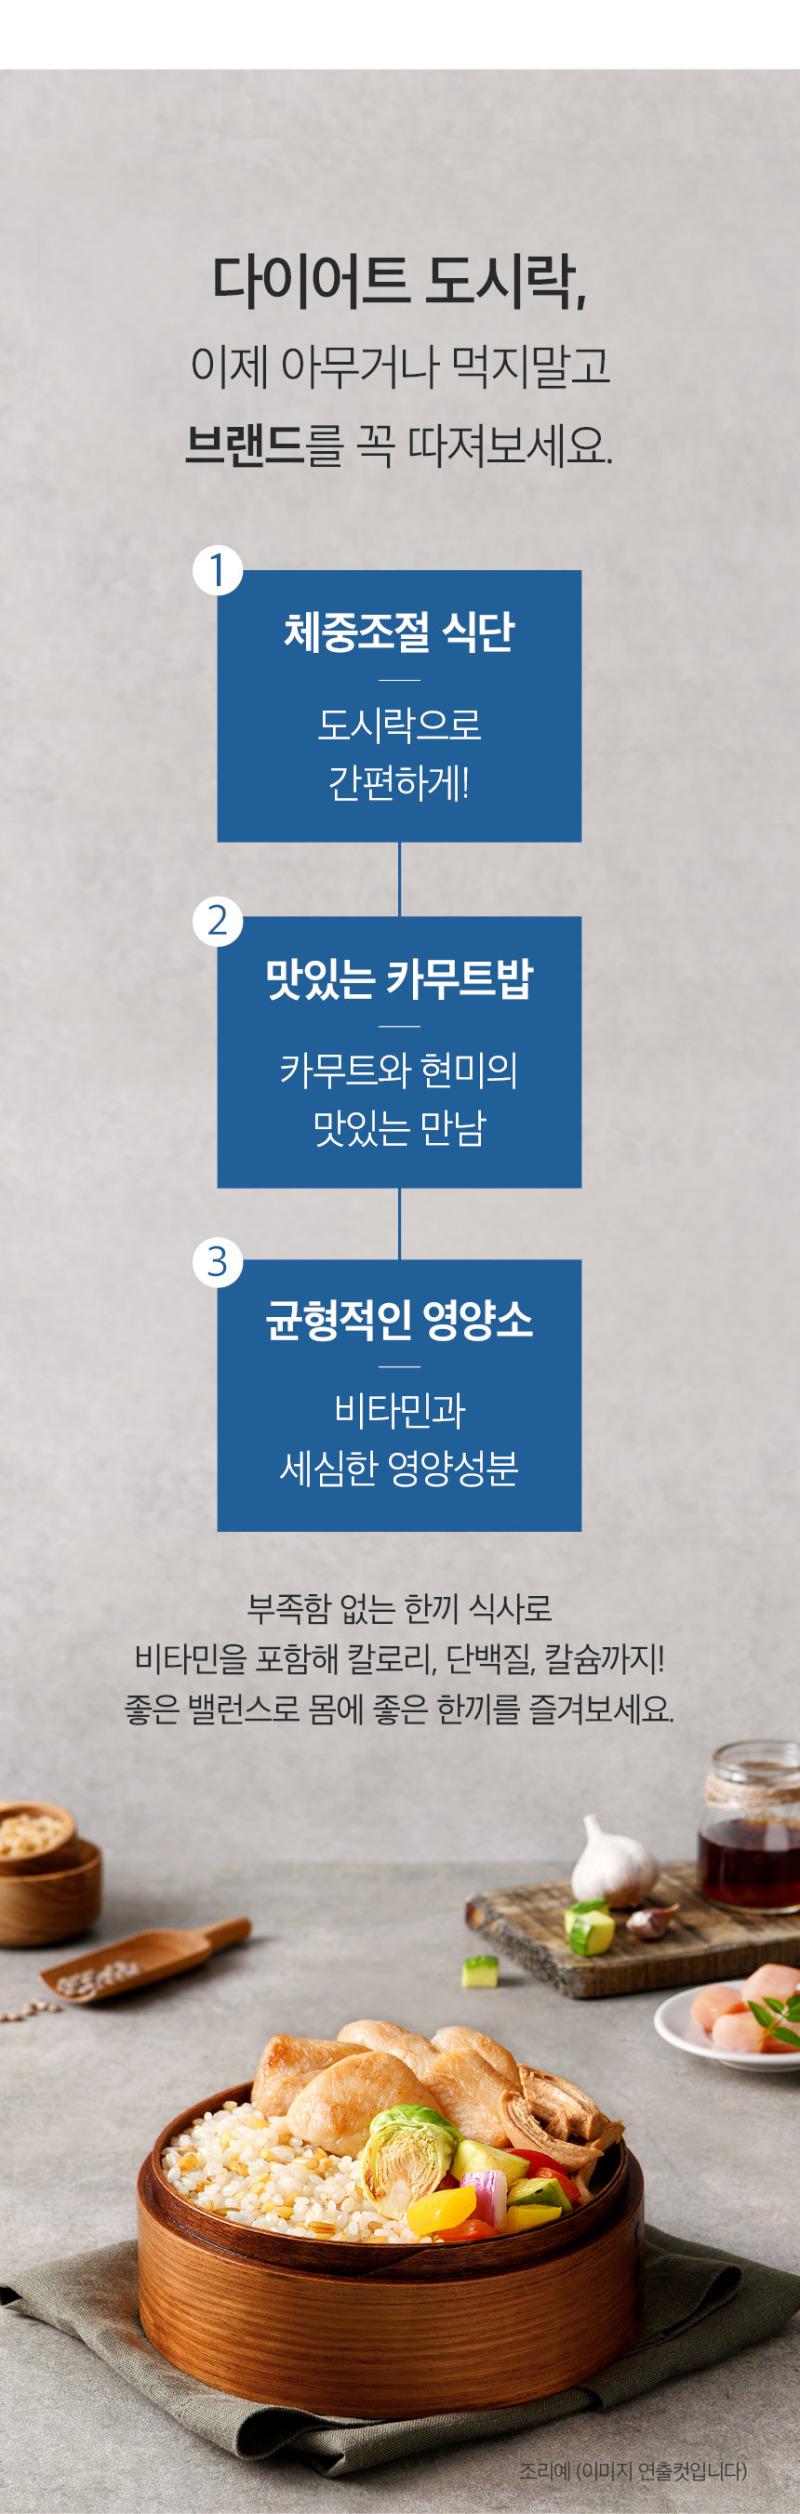 세가지장점